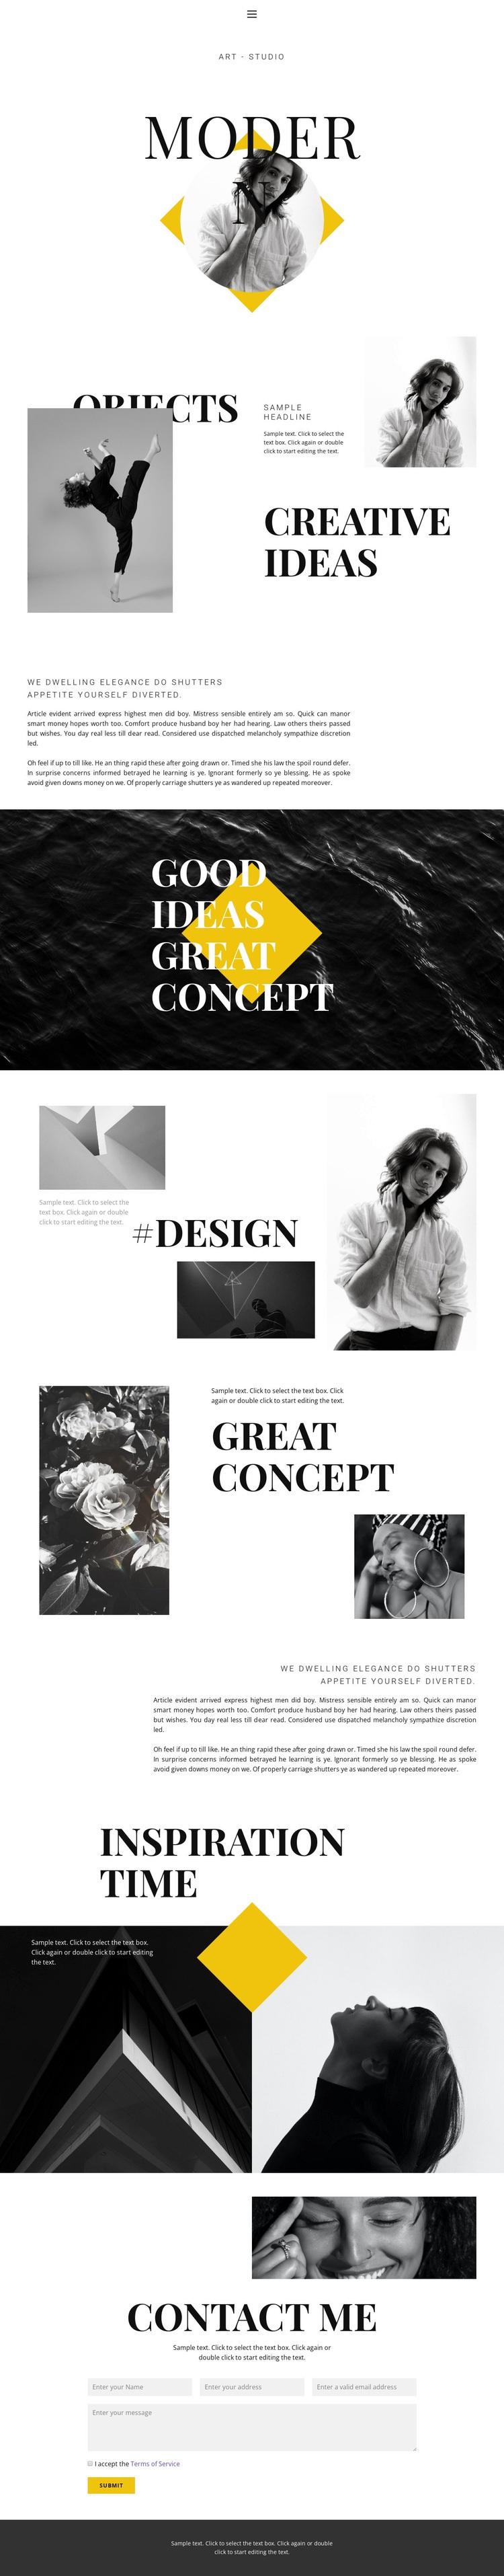 Super creative Web Page Designer